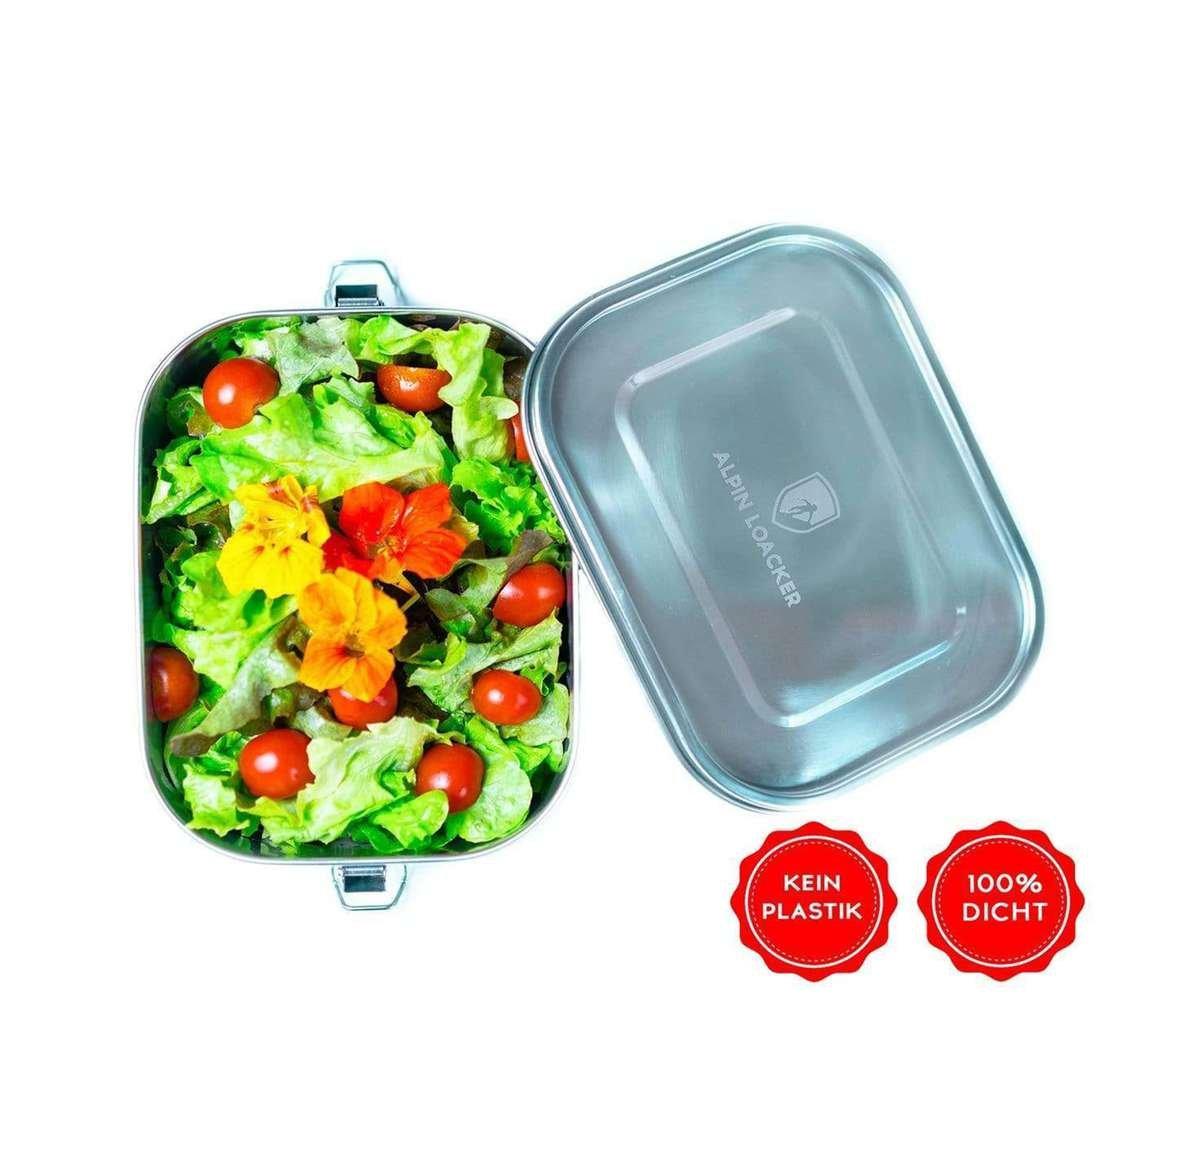 Hyperpage Edelstahl auslaufsichere Lunchbox